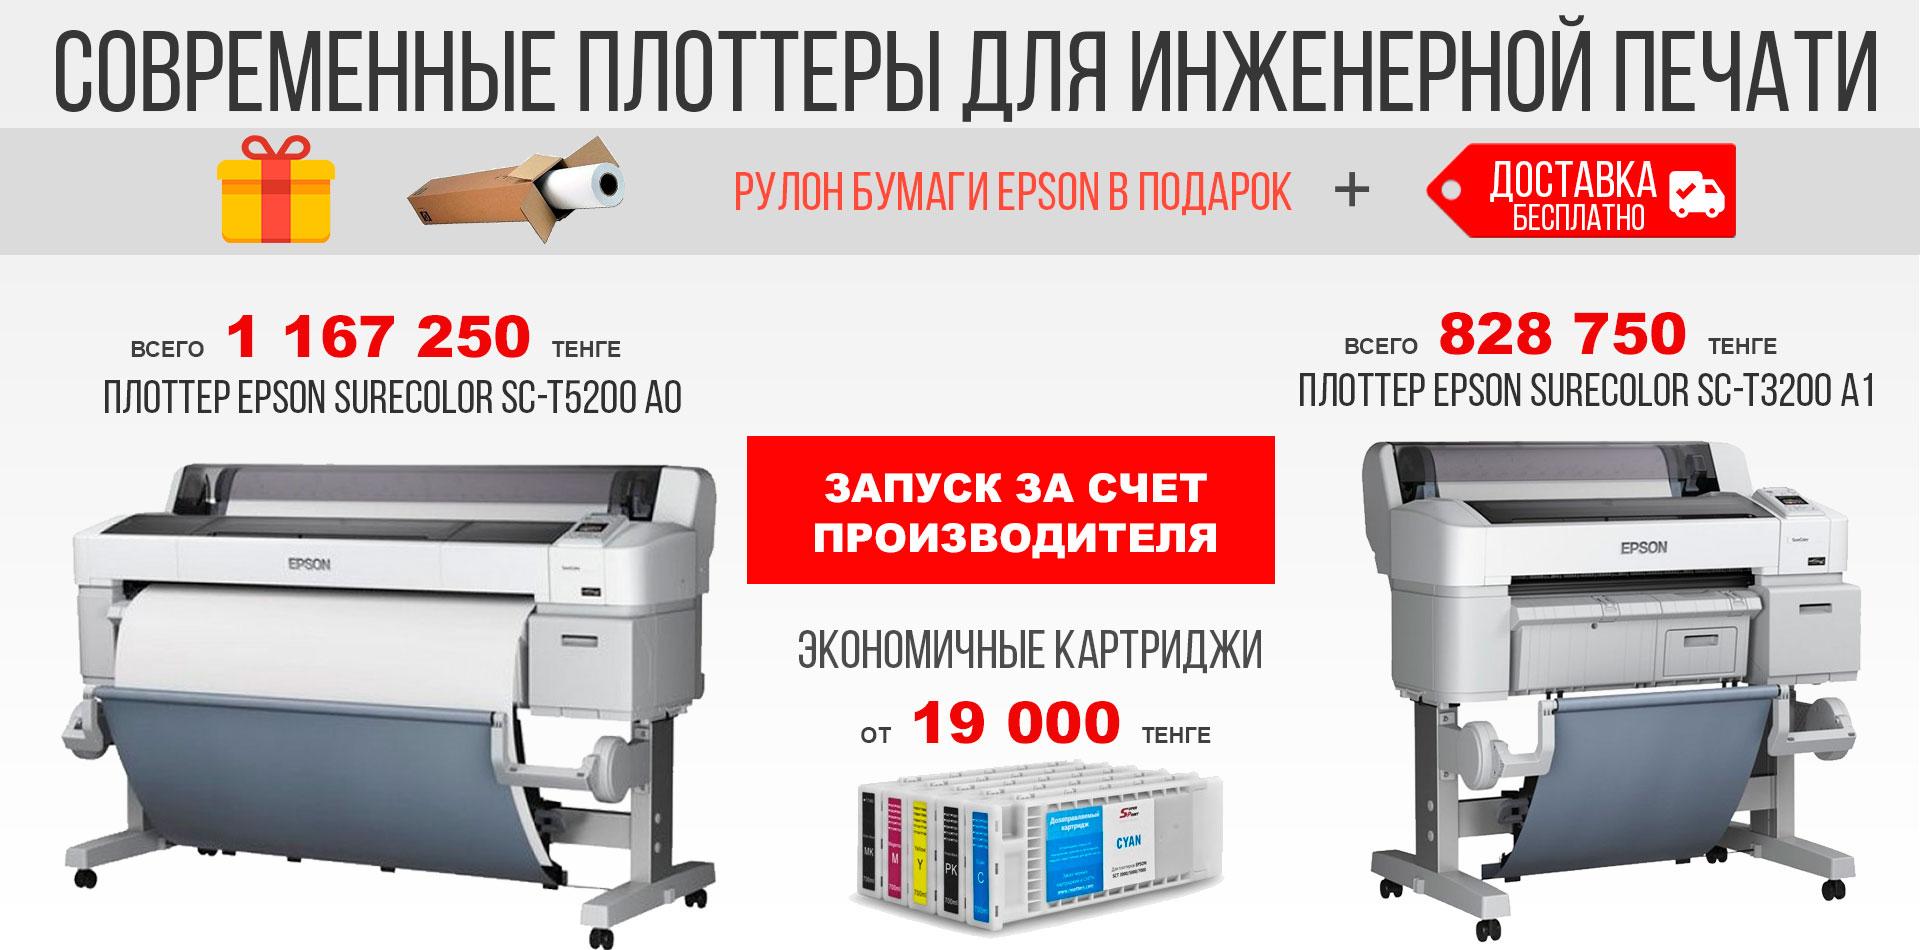 ПЛОТТЕР EPSON SC-T3200